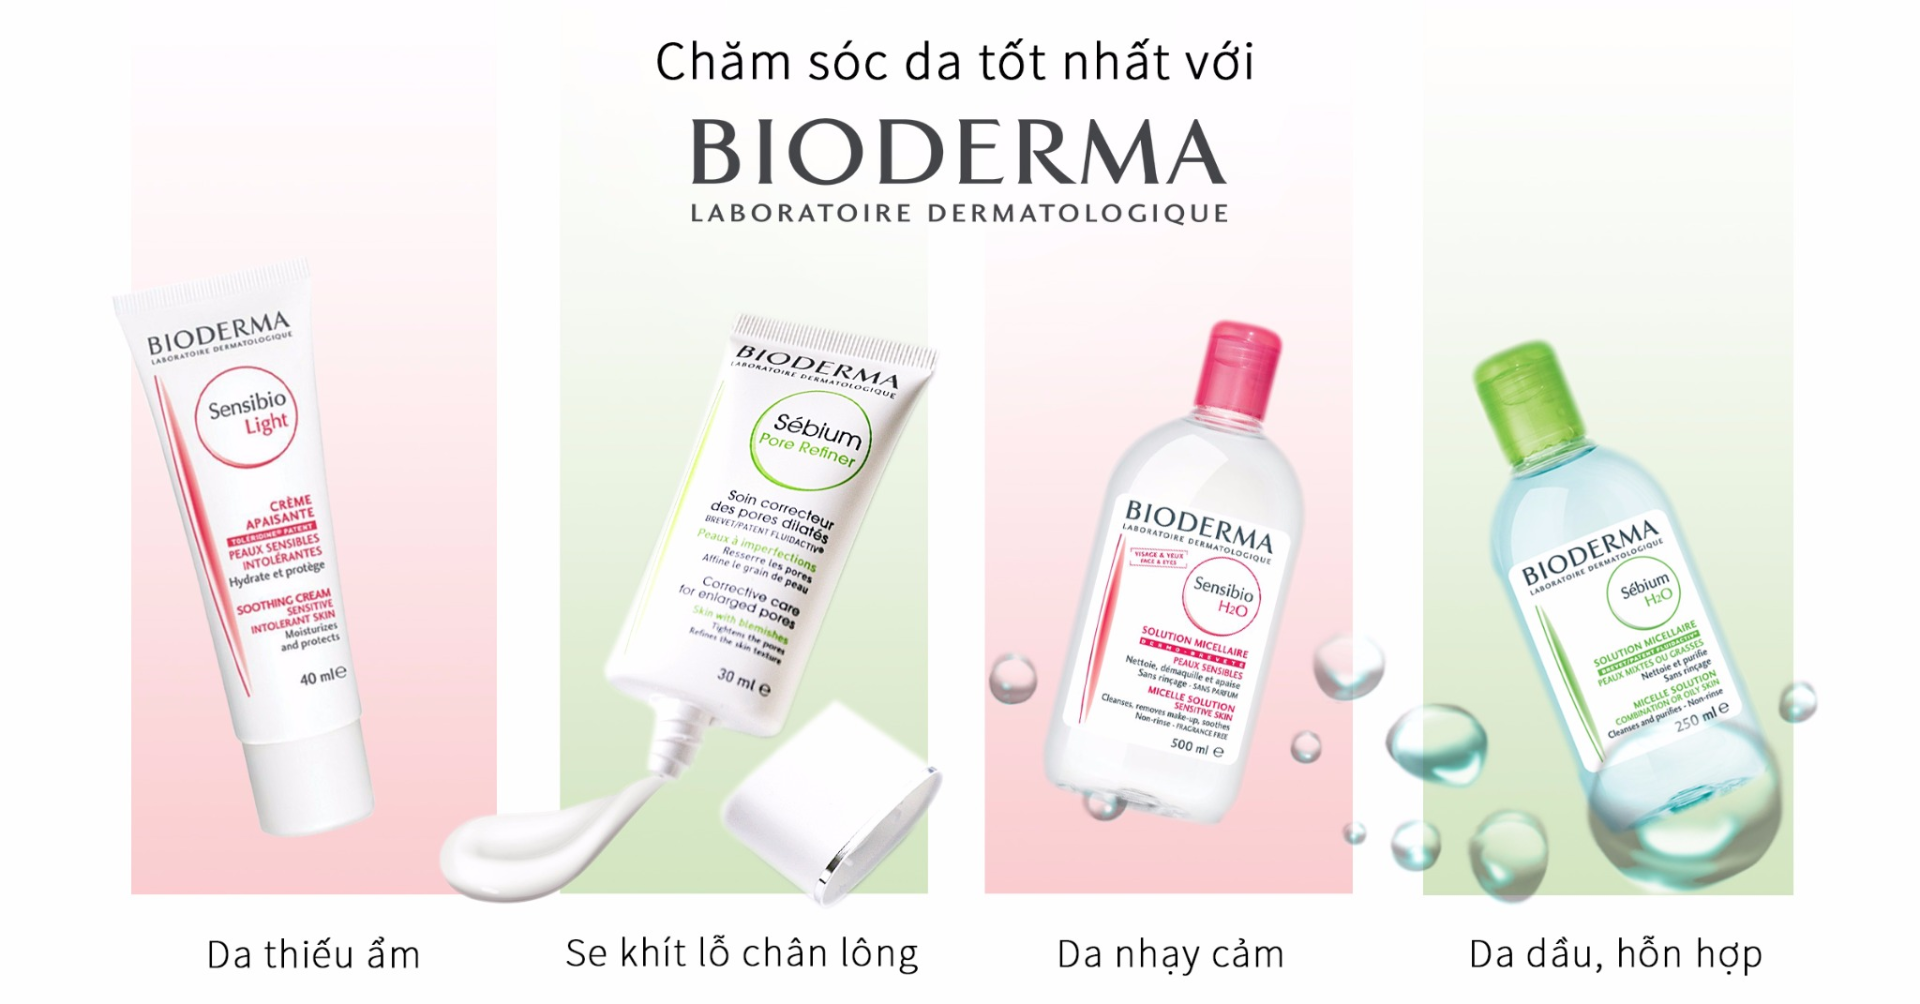 Nước Tẩy Trang Dành Cho Da Dầu & Hỗn Hợp Sebium H20 Bioderma - 250ml